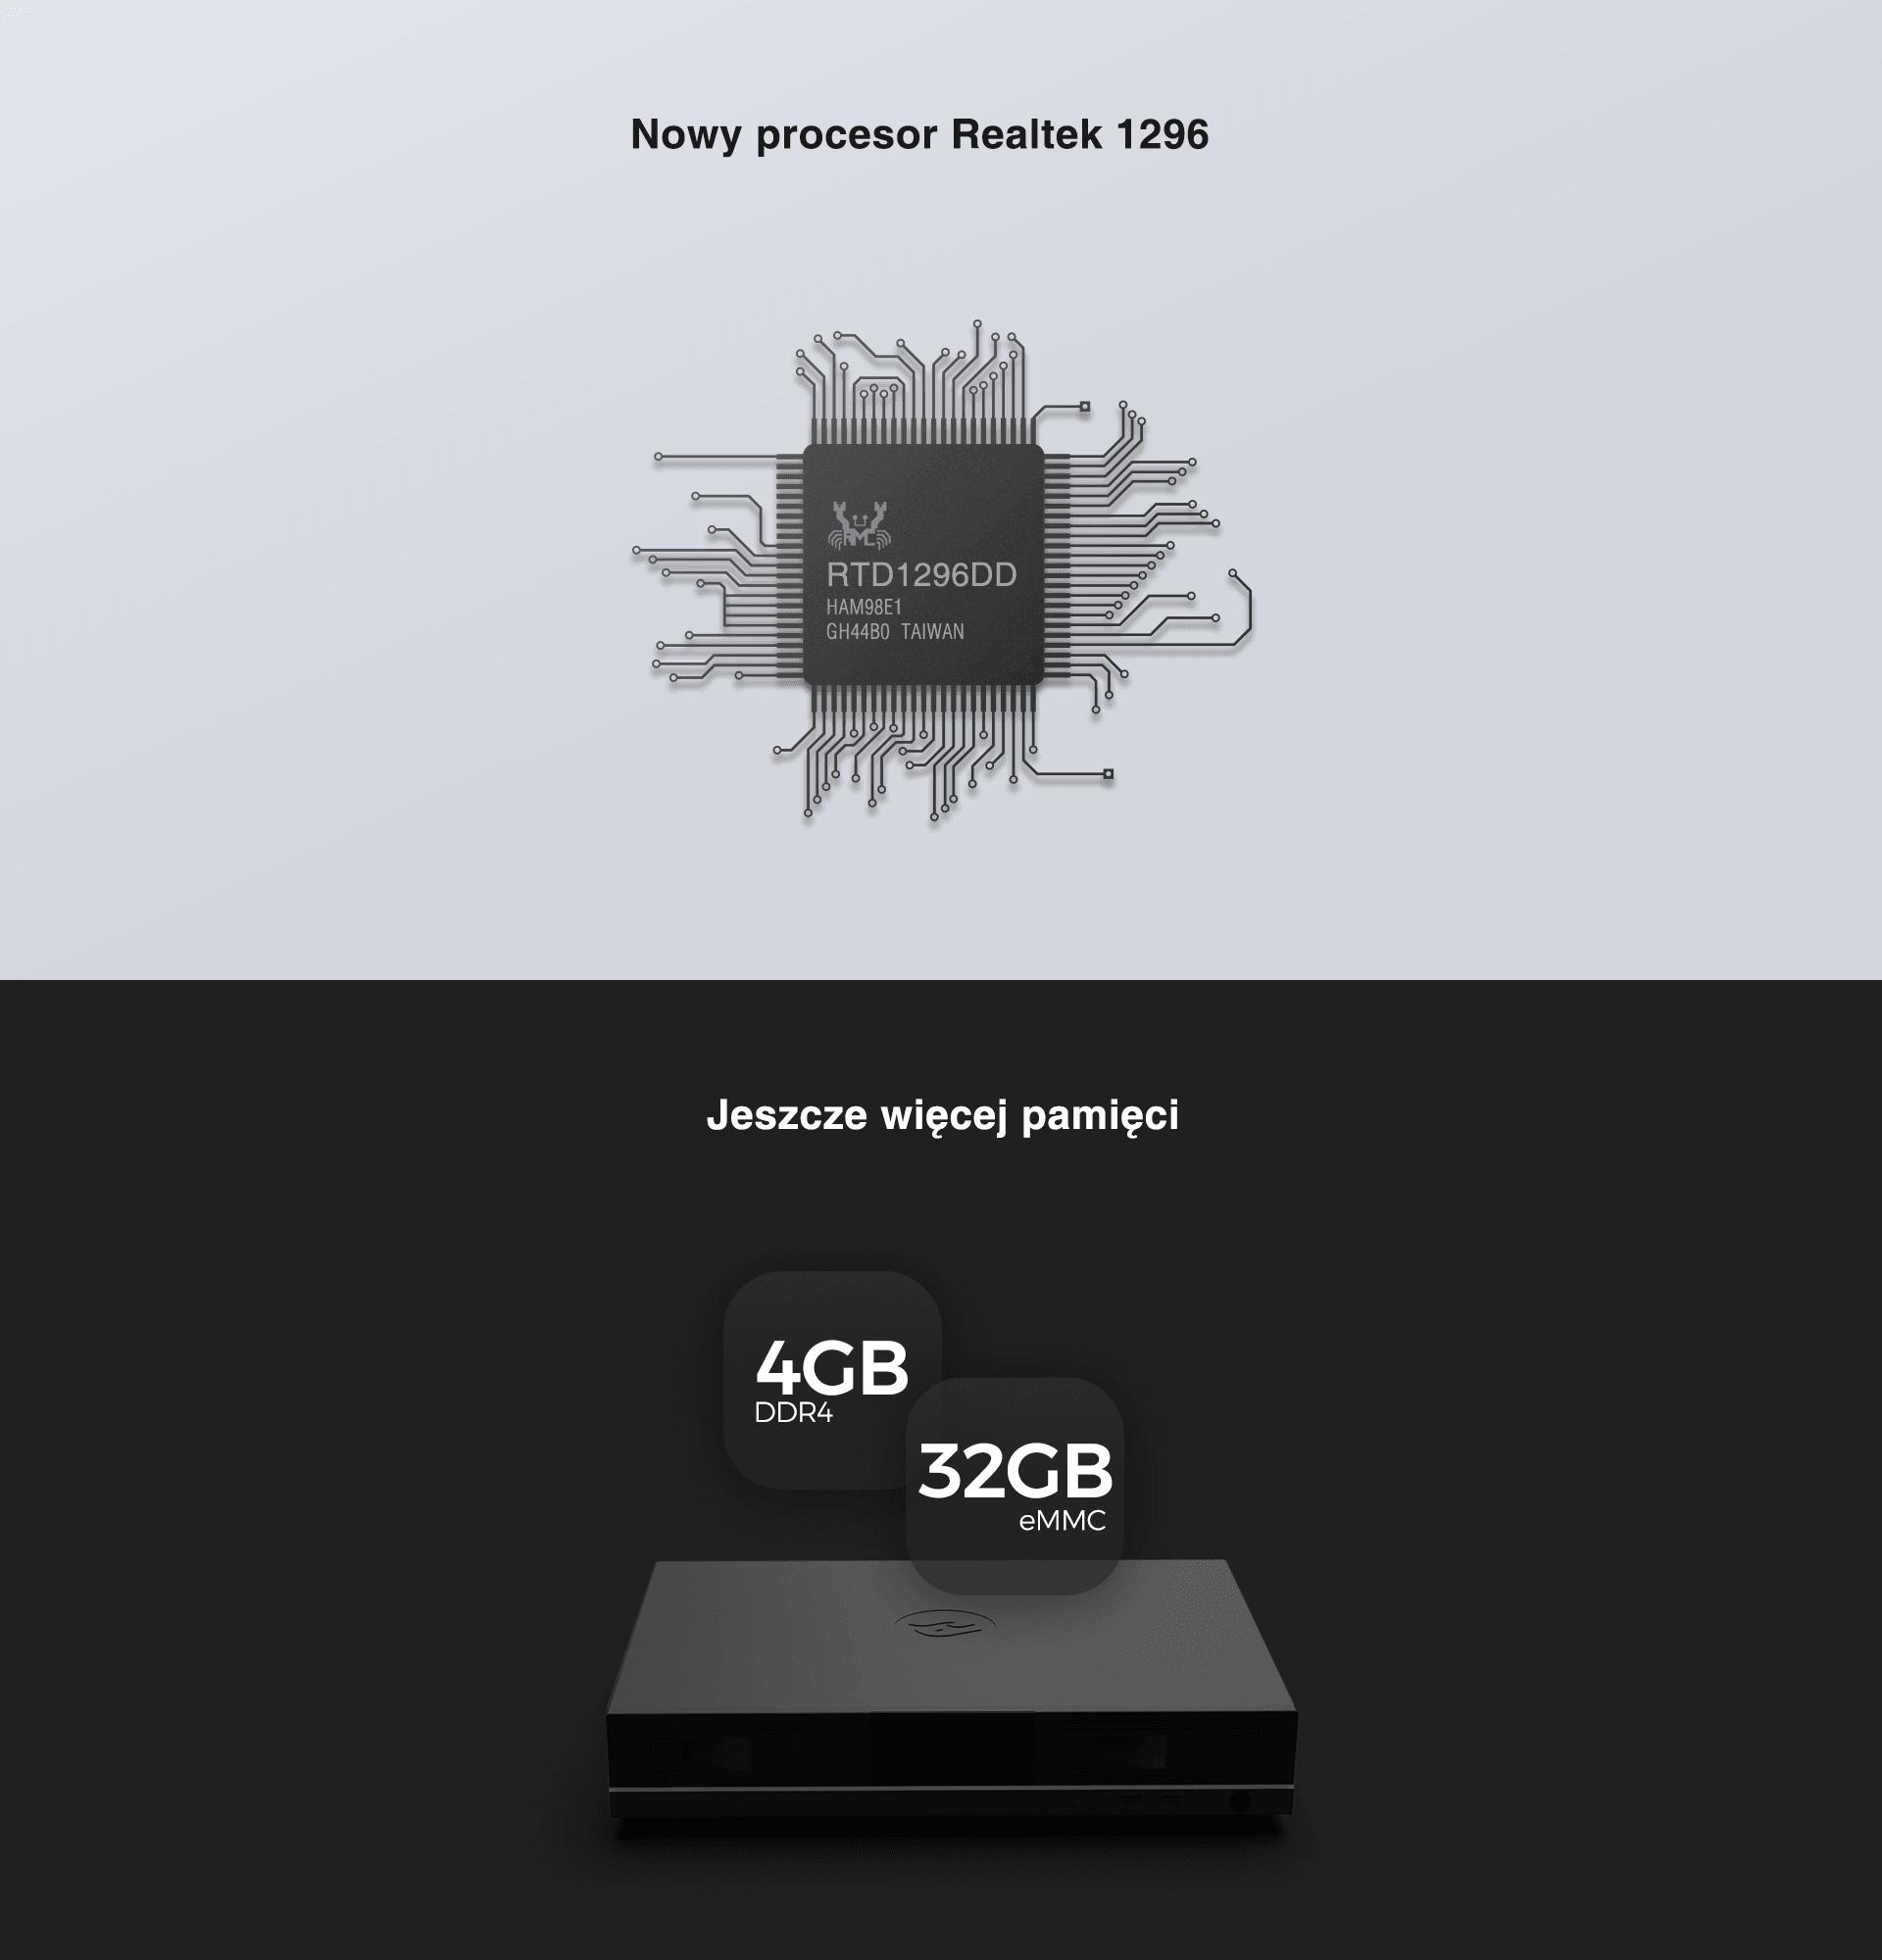 cpu-zidoo-x20-pro